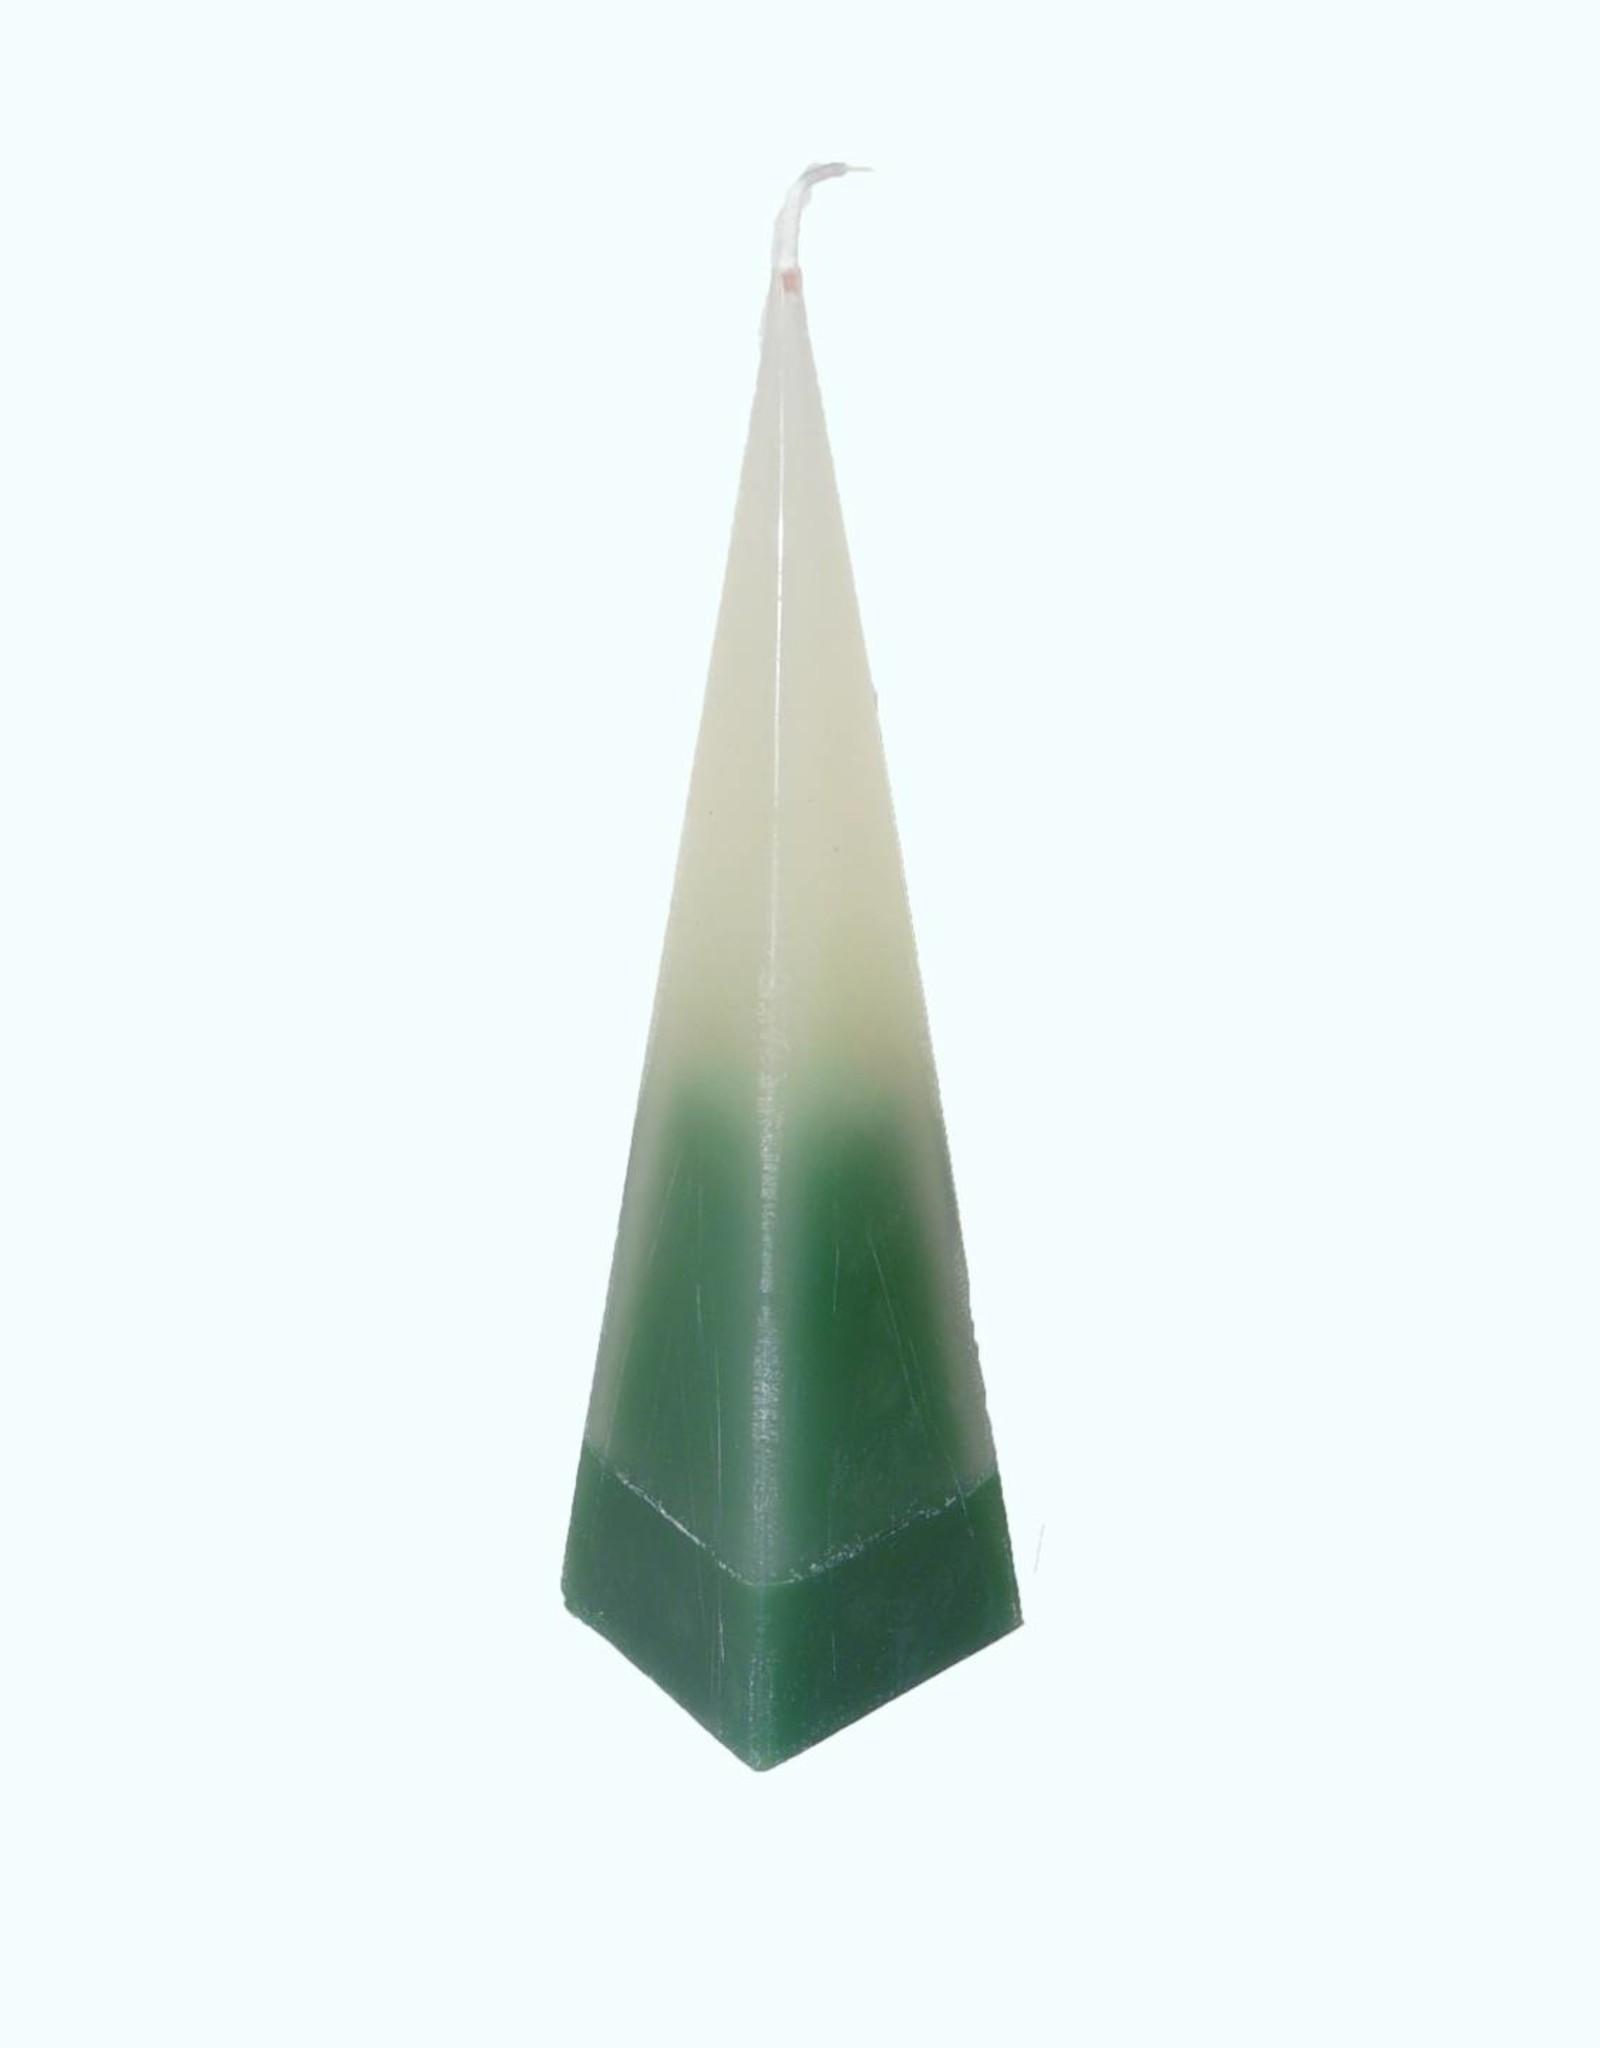 Piramide Kaars DuoColor Groen-Wit 6x6x23 cm